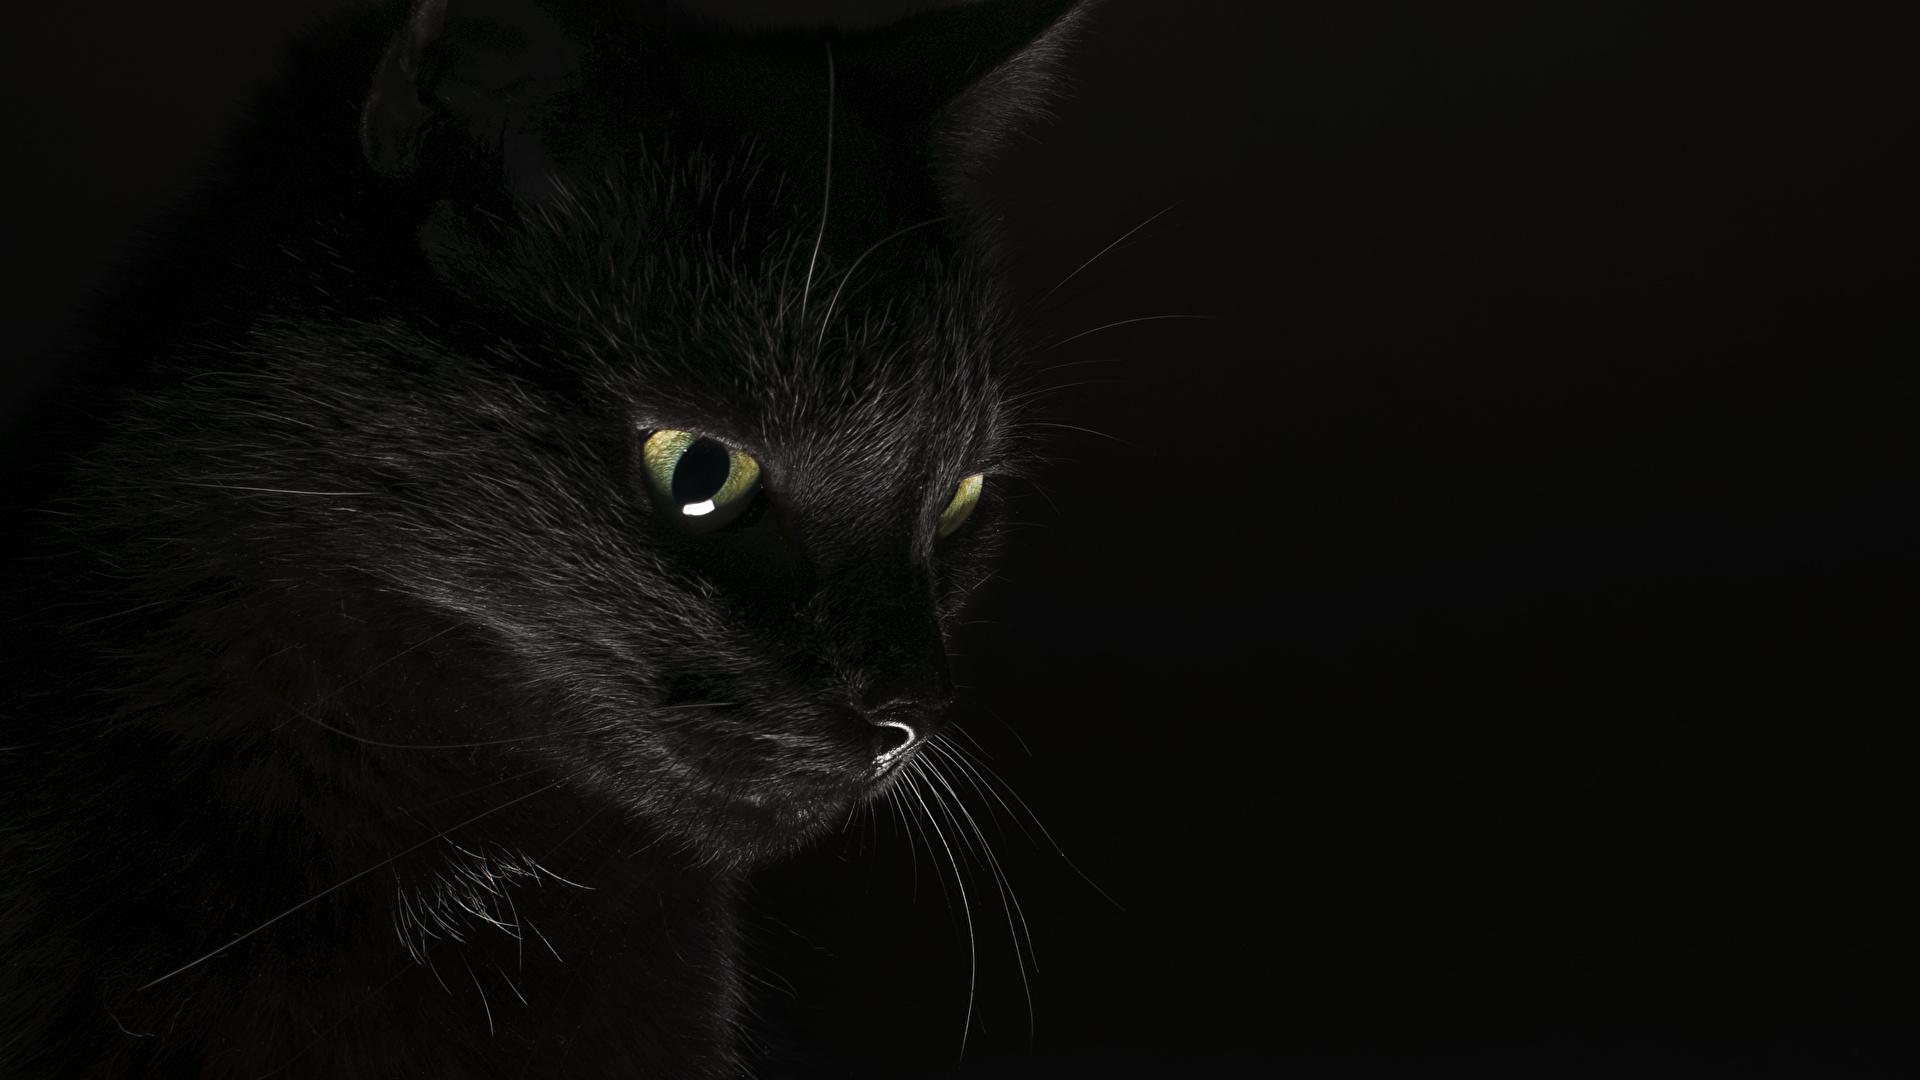 壁紙 19x1080 飼い猫 黑 黒色背景 動物 ダウンロード 写真